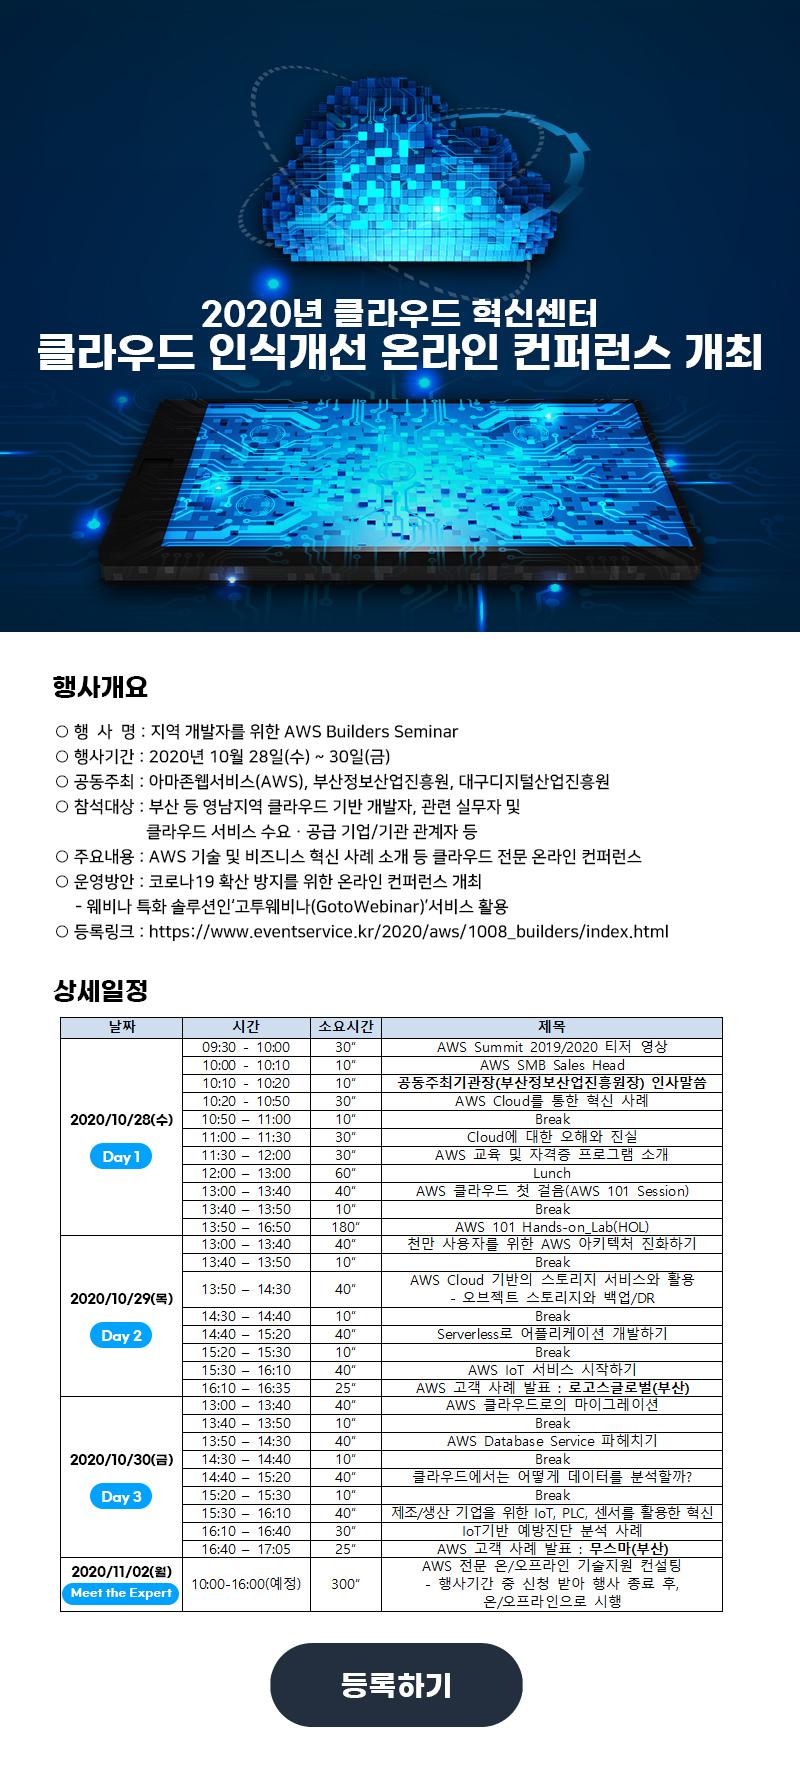 2020년 클라우드 혁신센터 클라우드 인식개선 온라인 컨퍼런스 개최